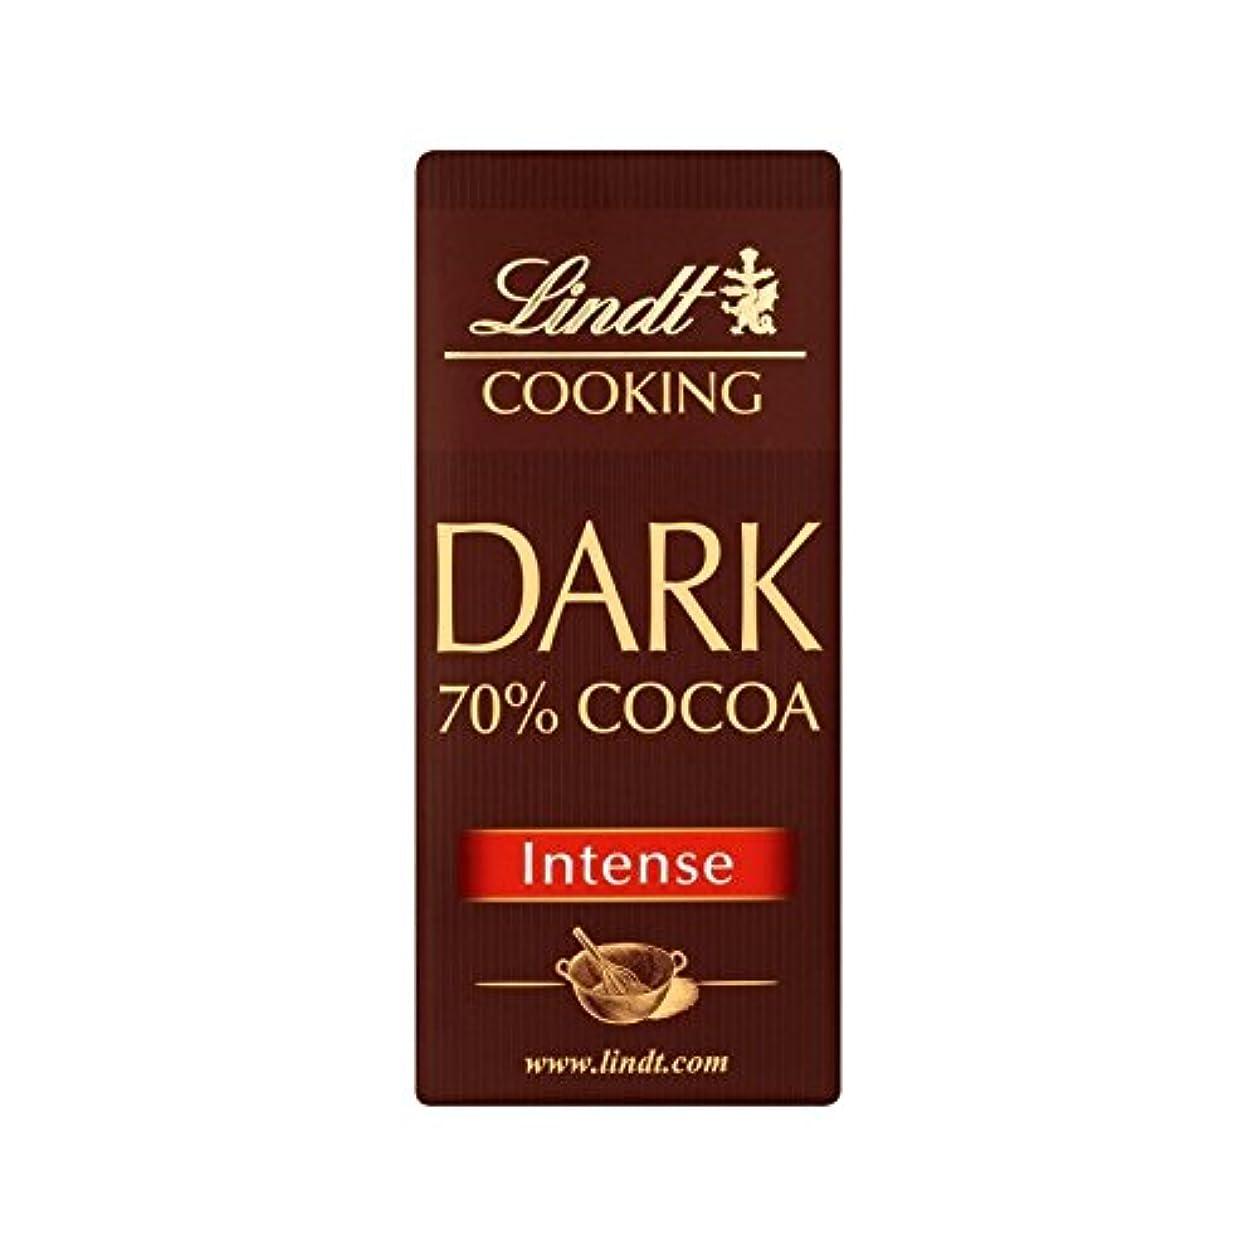 数学的な狭い偏差70%ダーク調理チョコレートバー180グラム (Lindt) (x 6) - Lindt 70% Dark Cooking Chocolate Bar 180g (Pack of 6)